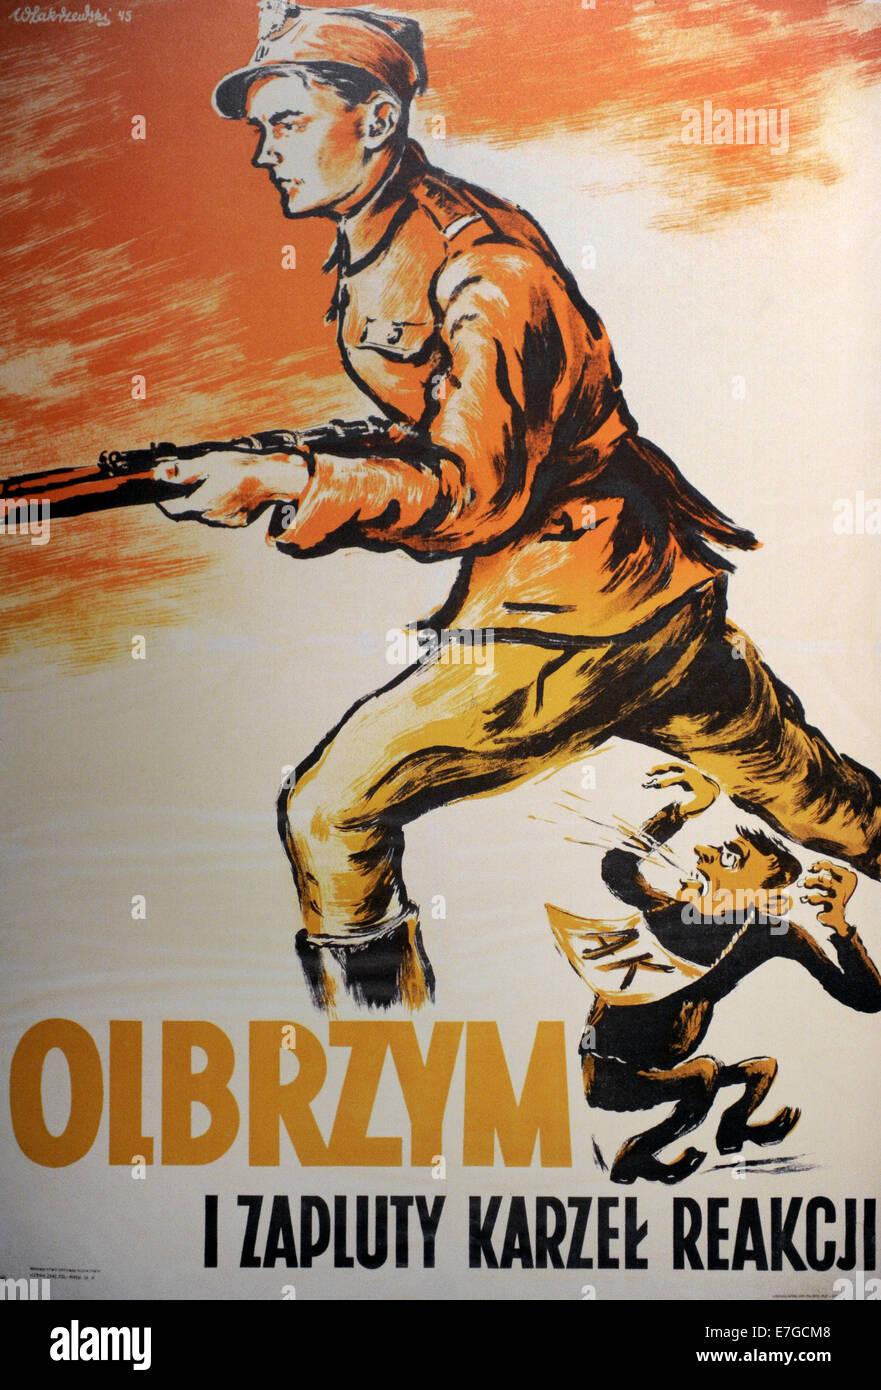 Poster raffigurante un soldato di comunista Armia Ludowa resistenza e soldato Armia Krajowa. Da Wlodzimierz Zakrzewski. Immagini Stock